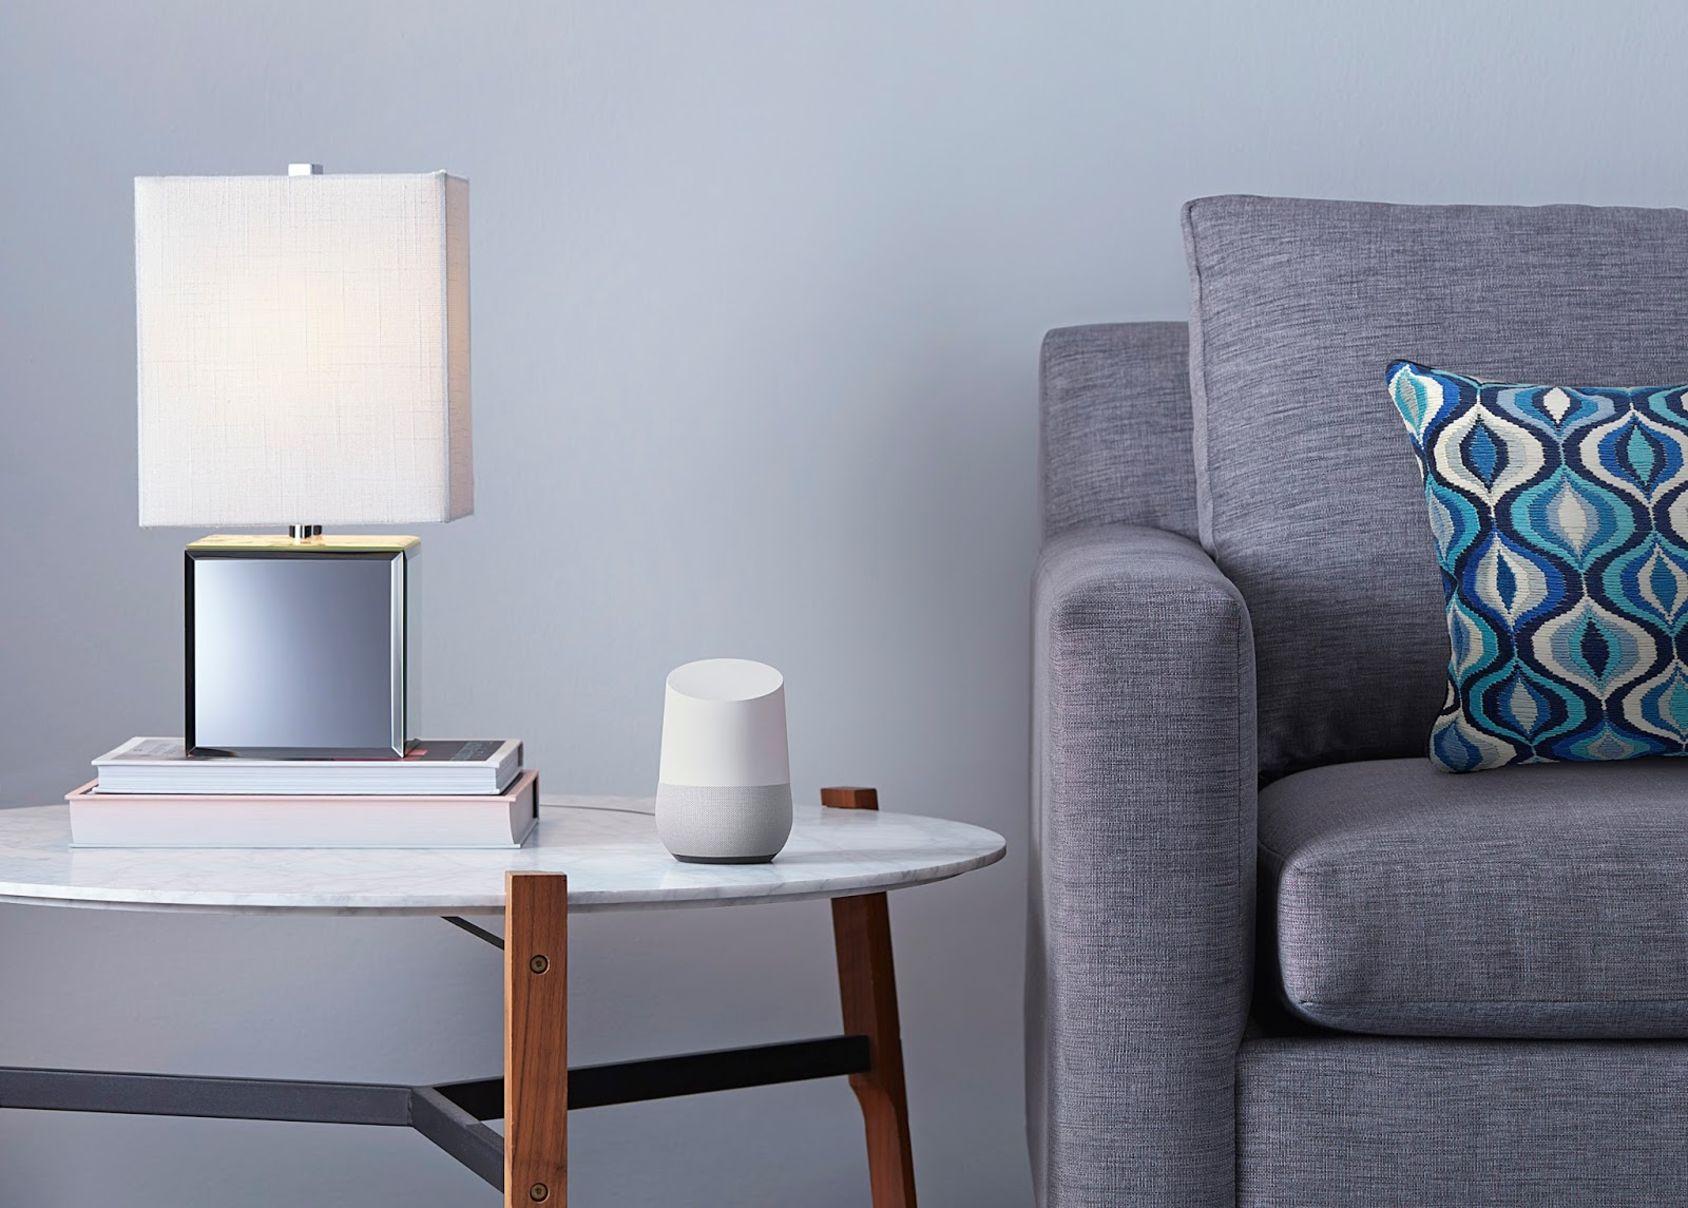 Google Home är en virtuell assistent för hemmet